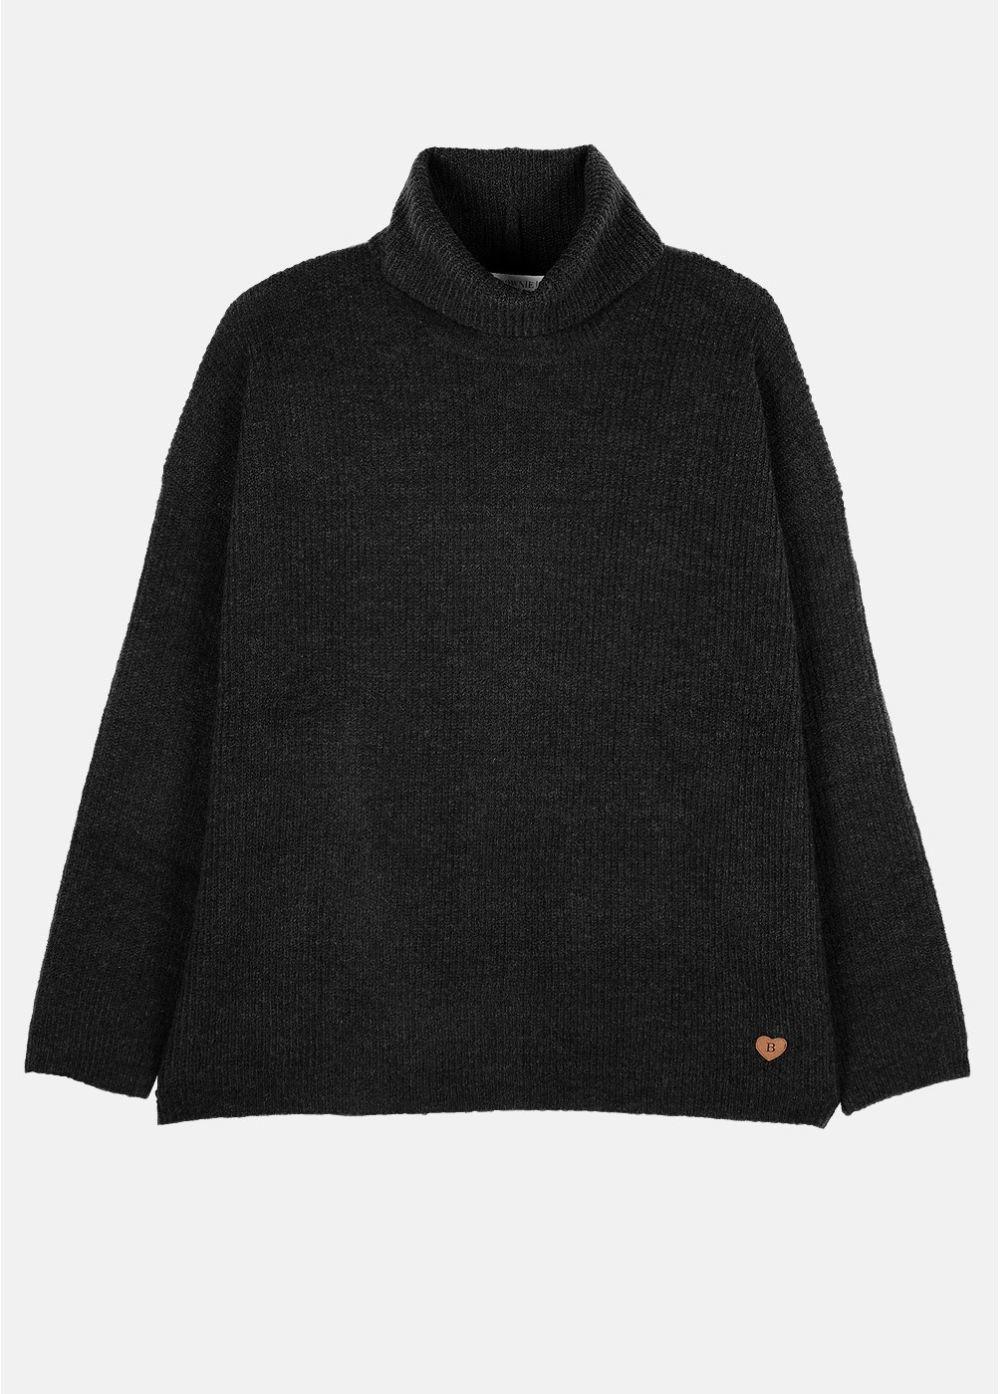 Jersey negro de cuello alto de Brownie (59 euros)